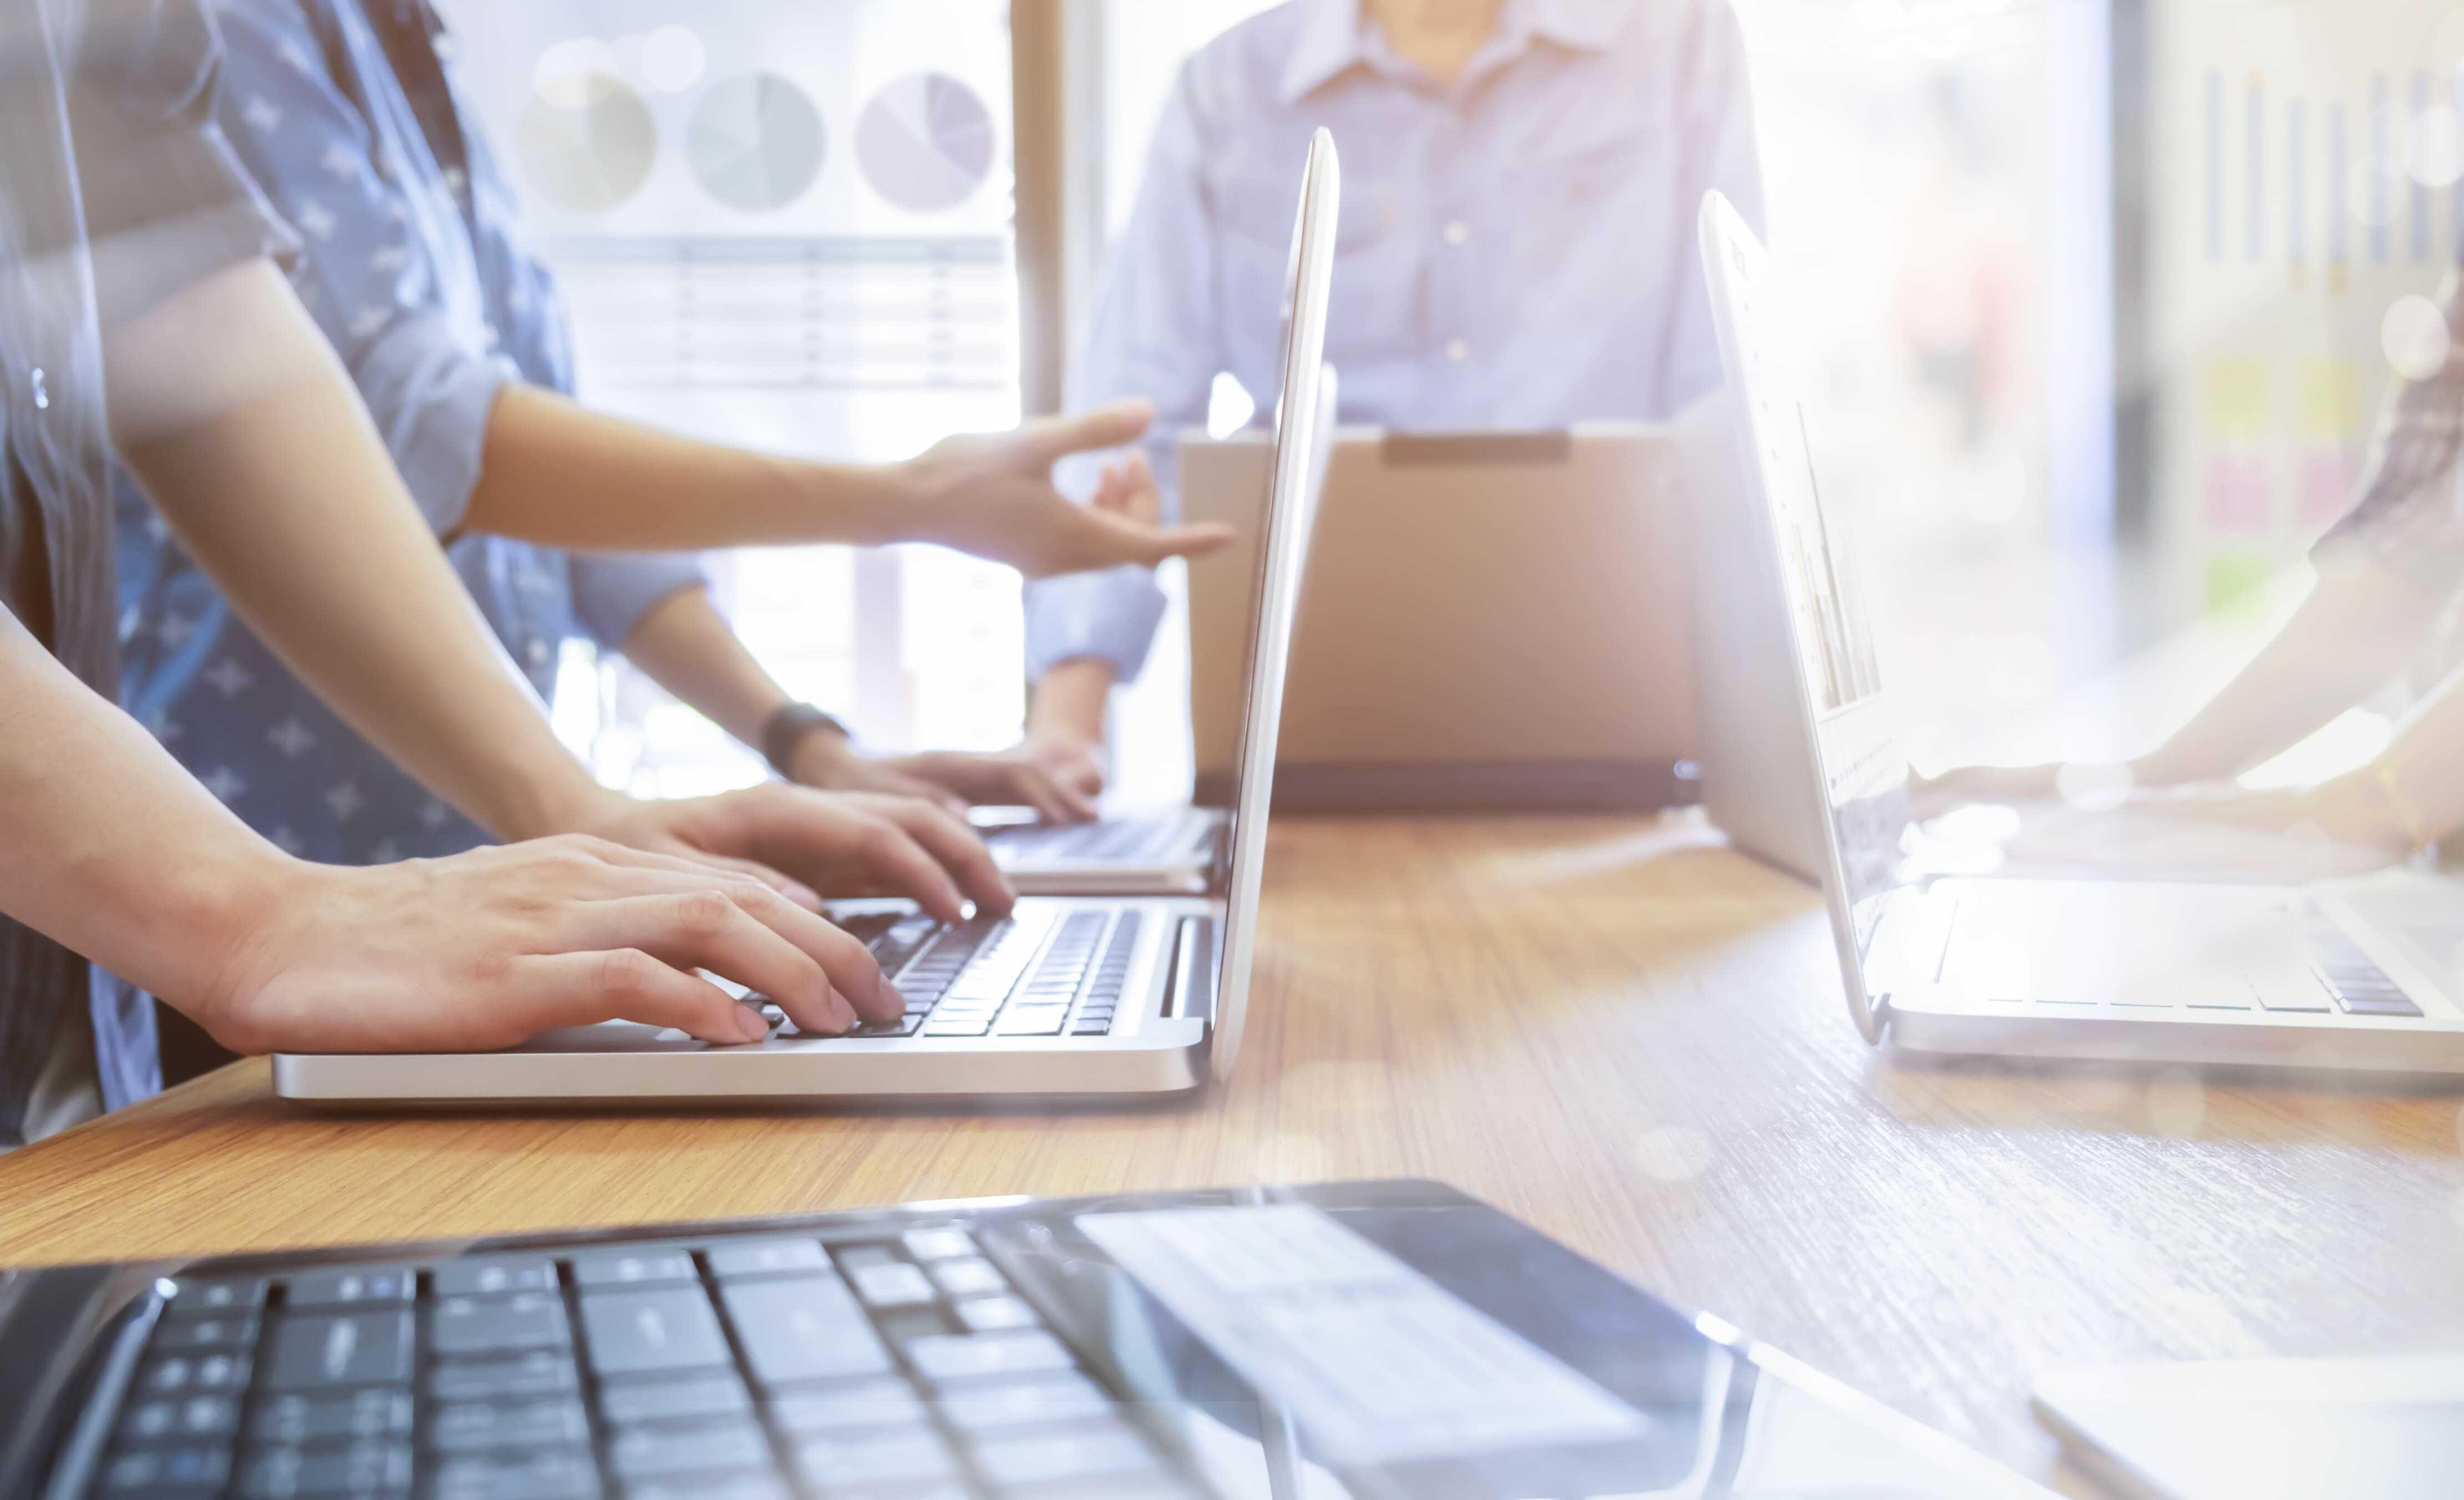 3 วิธีลดค่าใช้จ่ายด้าน IT ช่วยประหยัดงบระมาณบริษัท